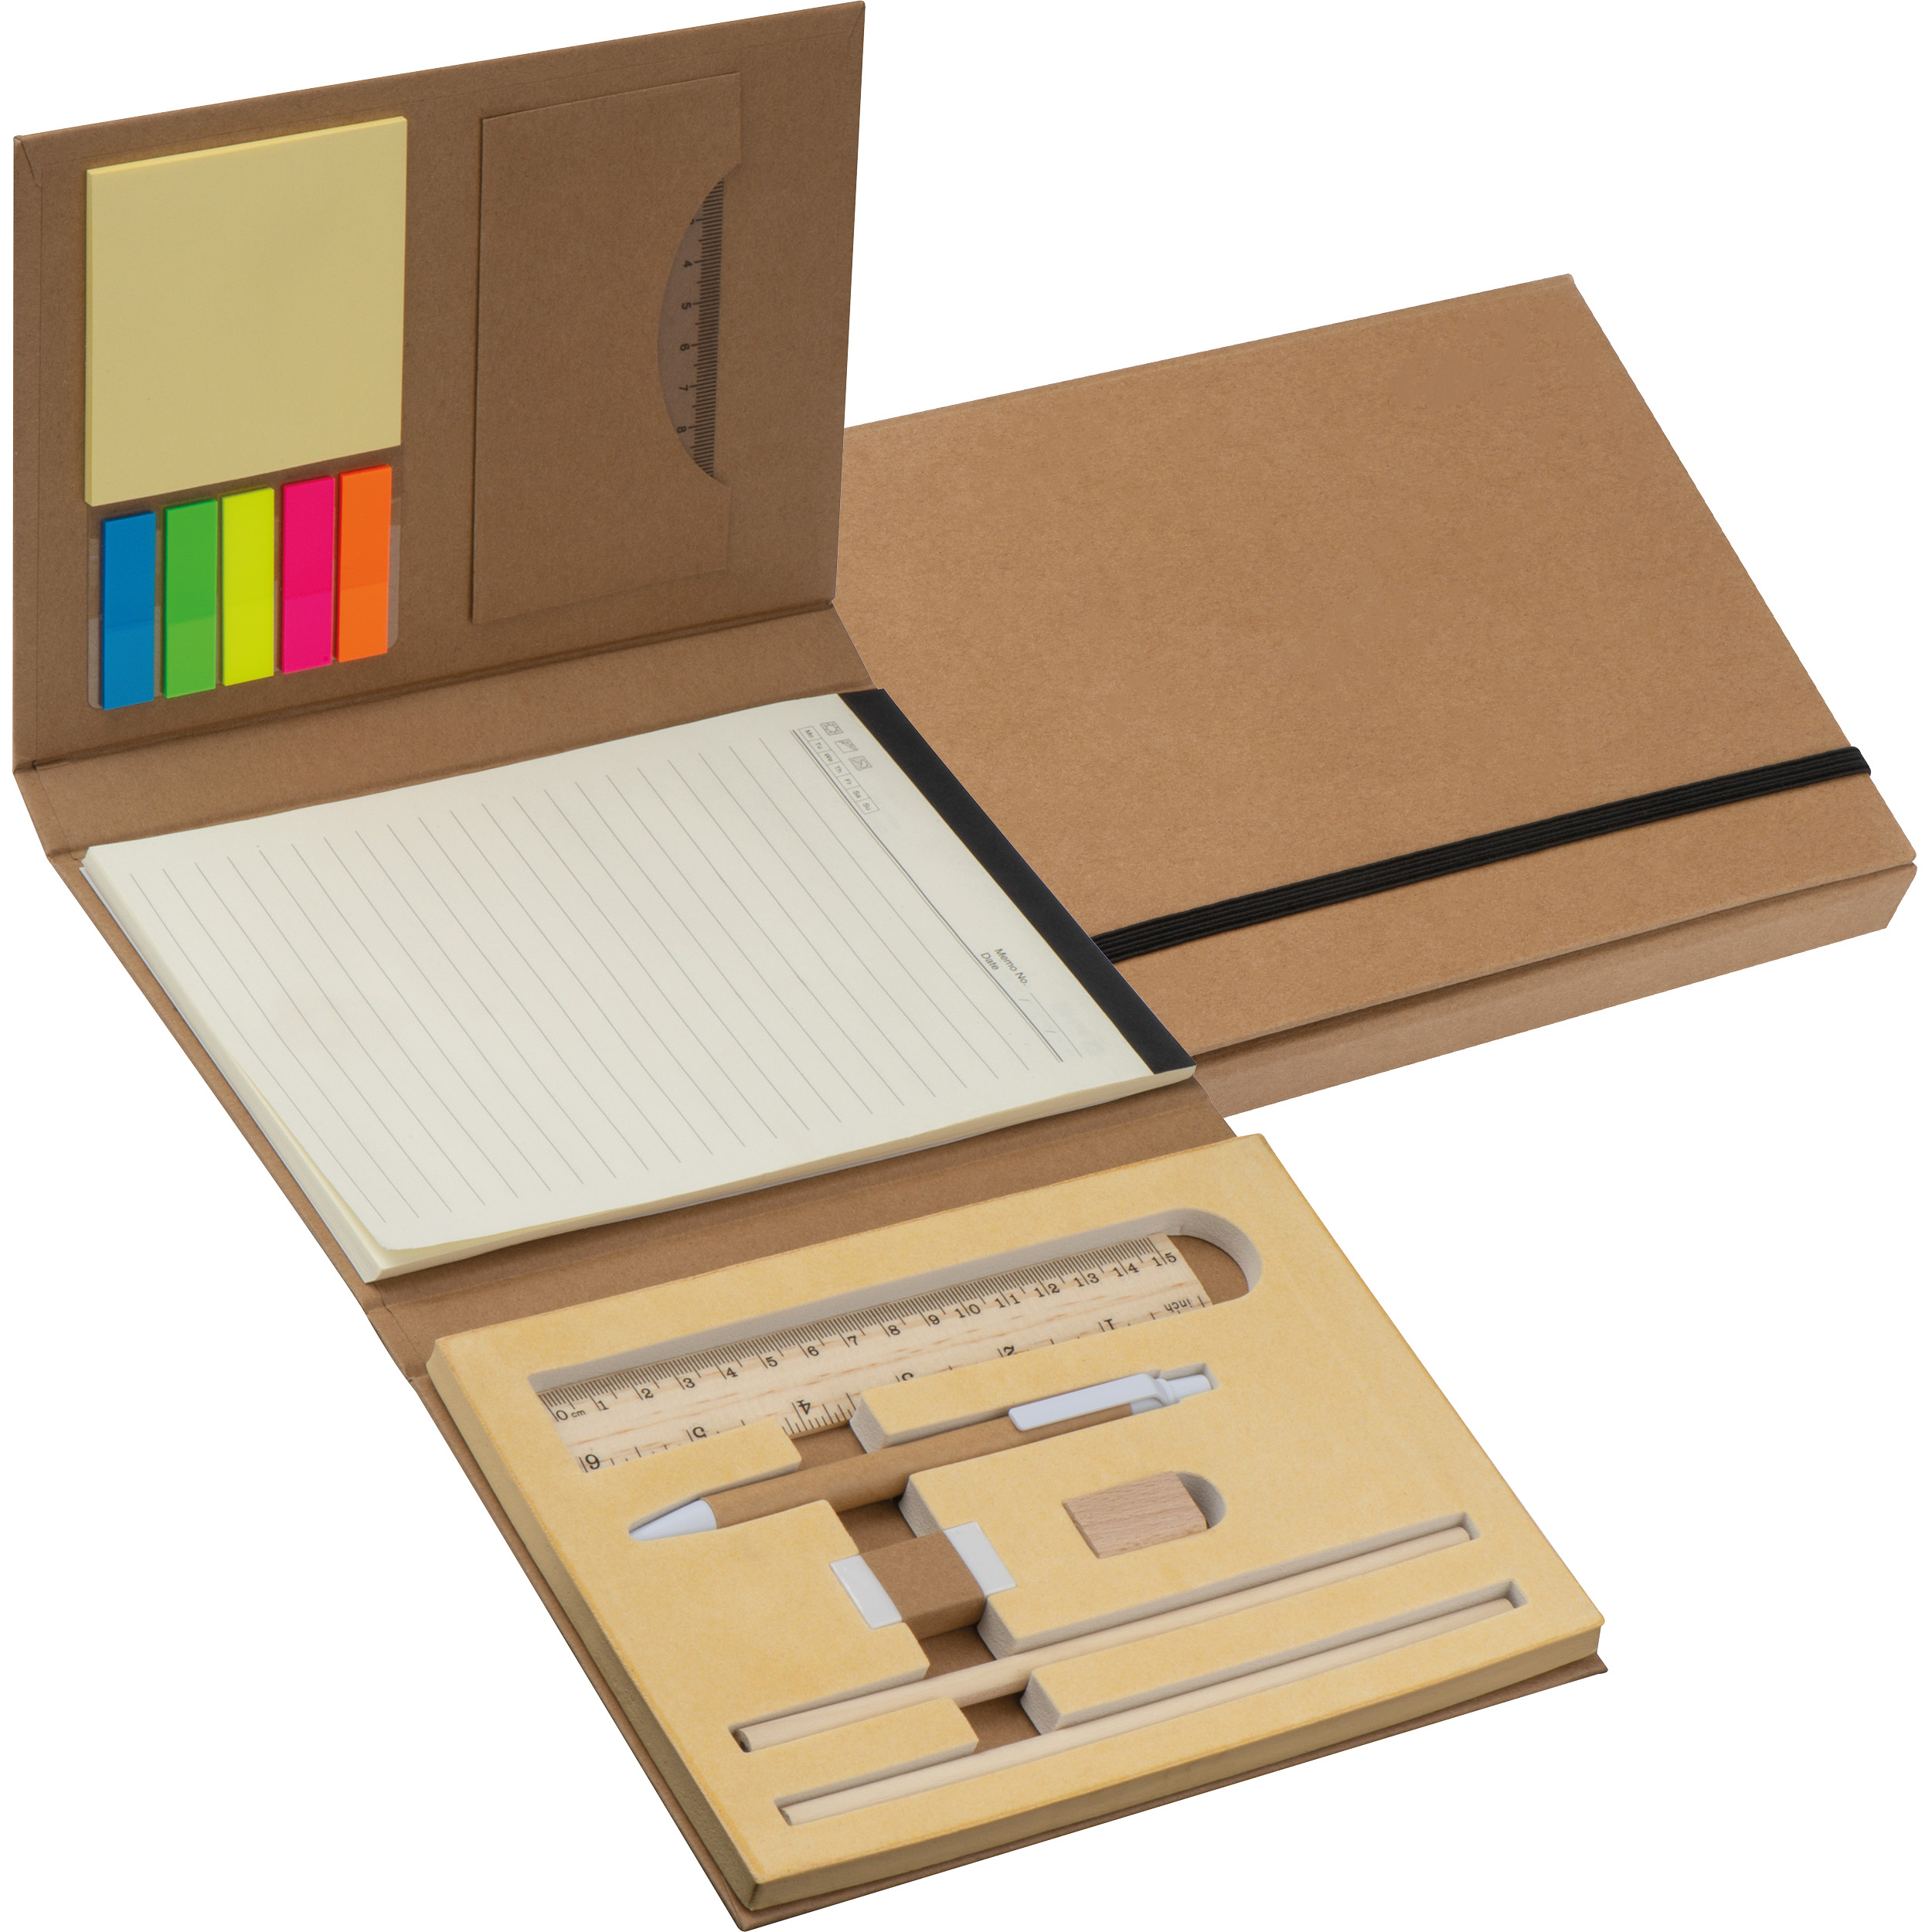 Schreibmappe mit Lineal, Schreibblock und Haftmarkern